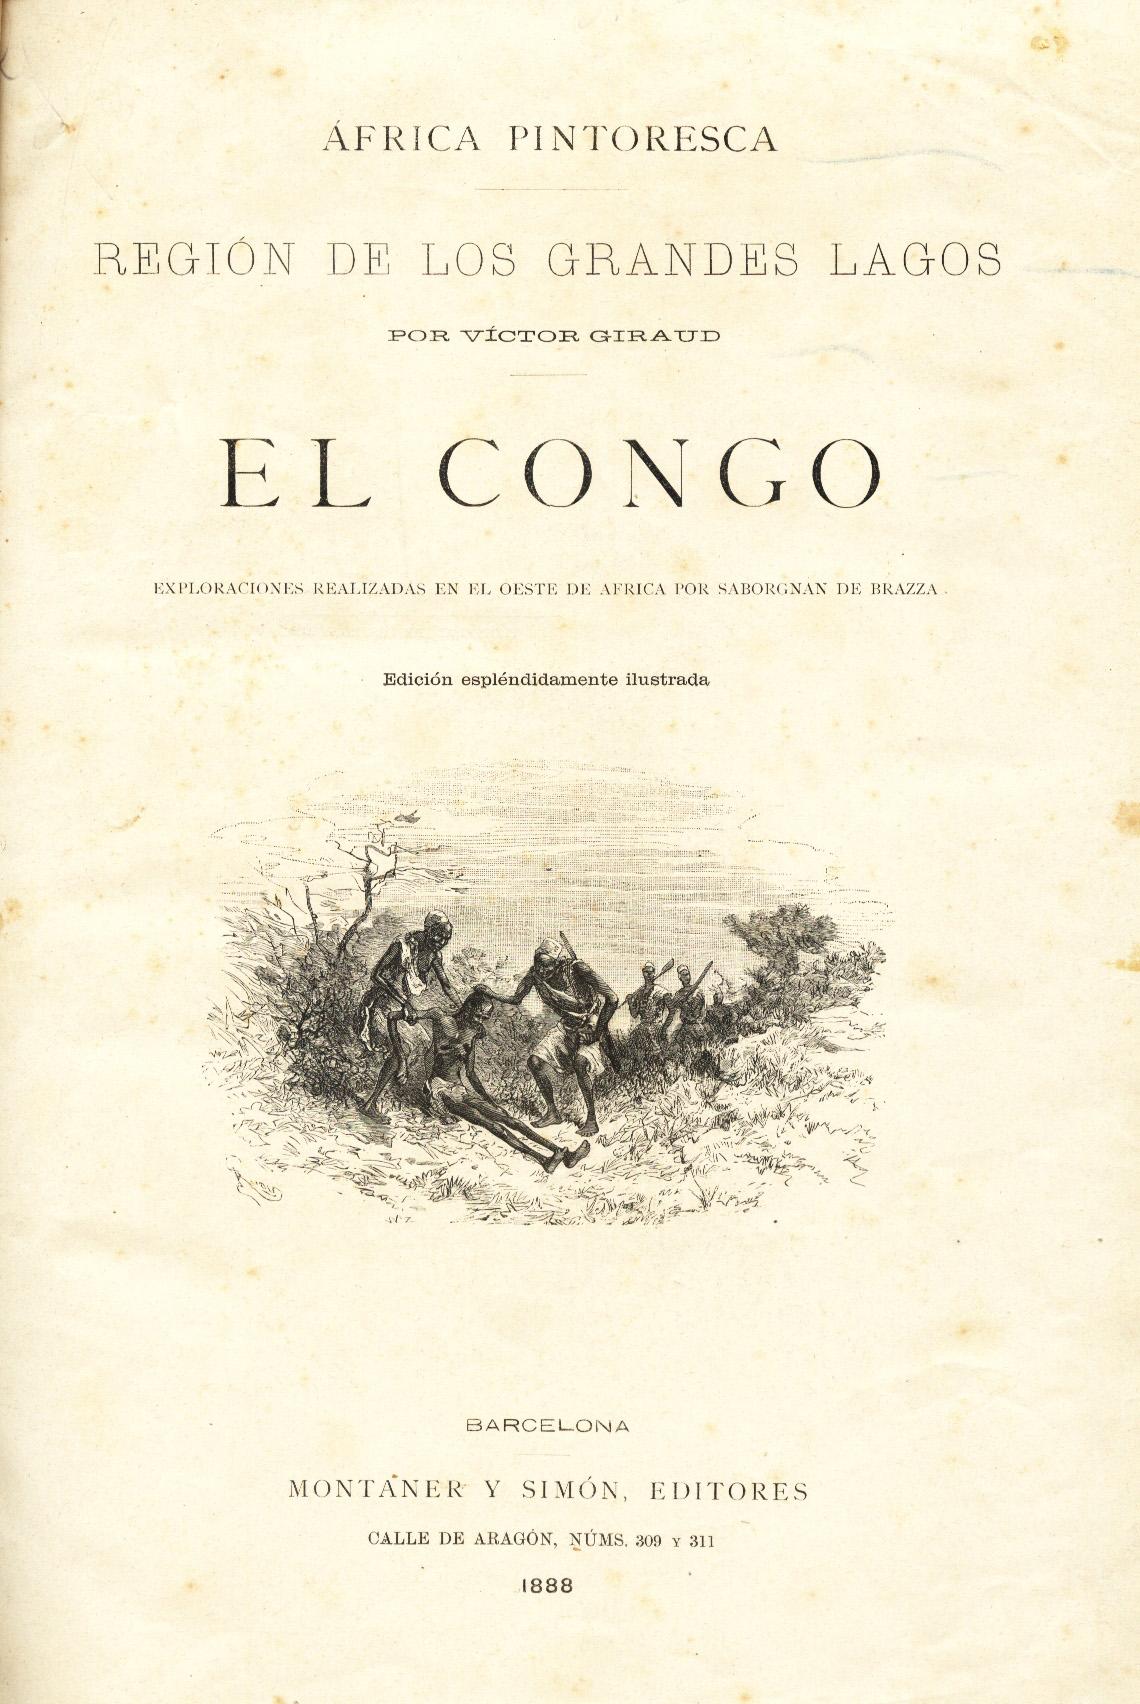 Libro de viaje - Wikipedia, la enciclopedia libre